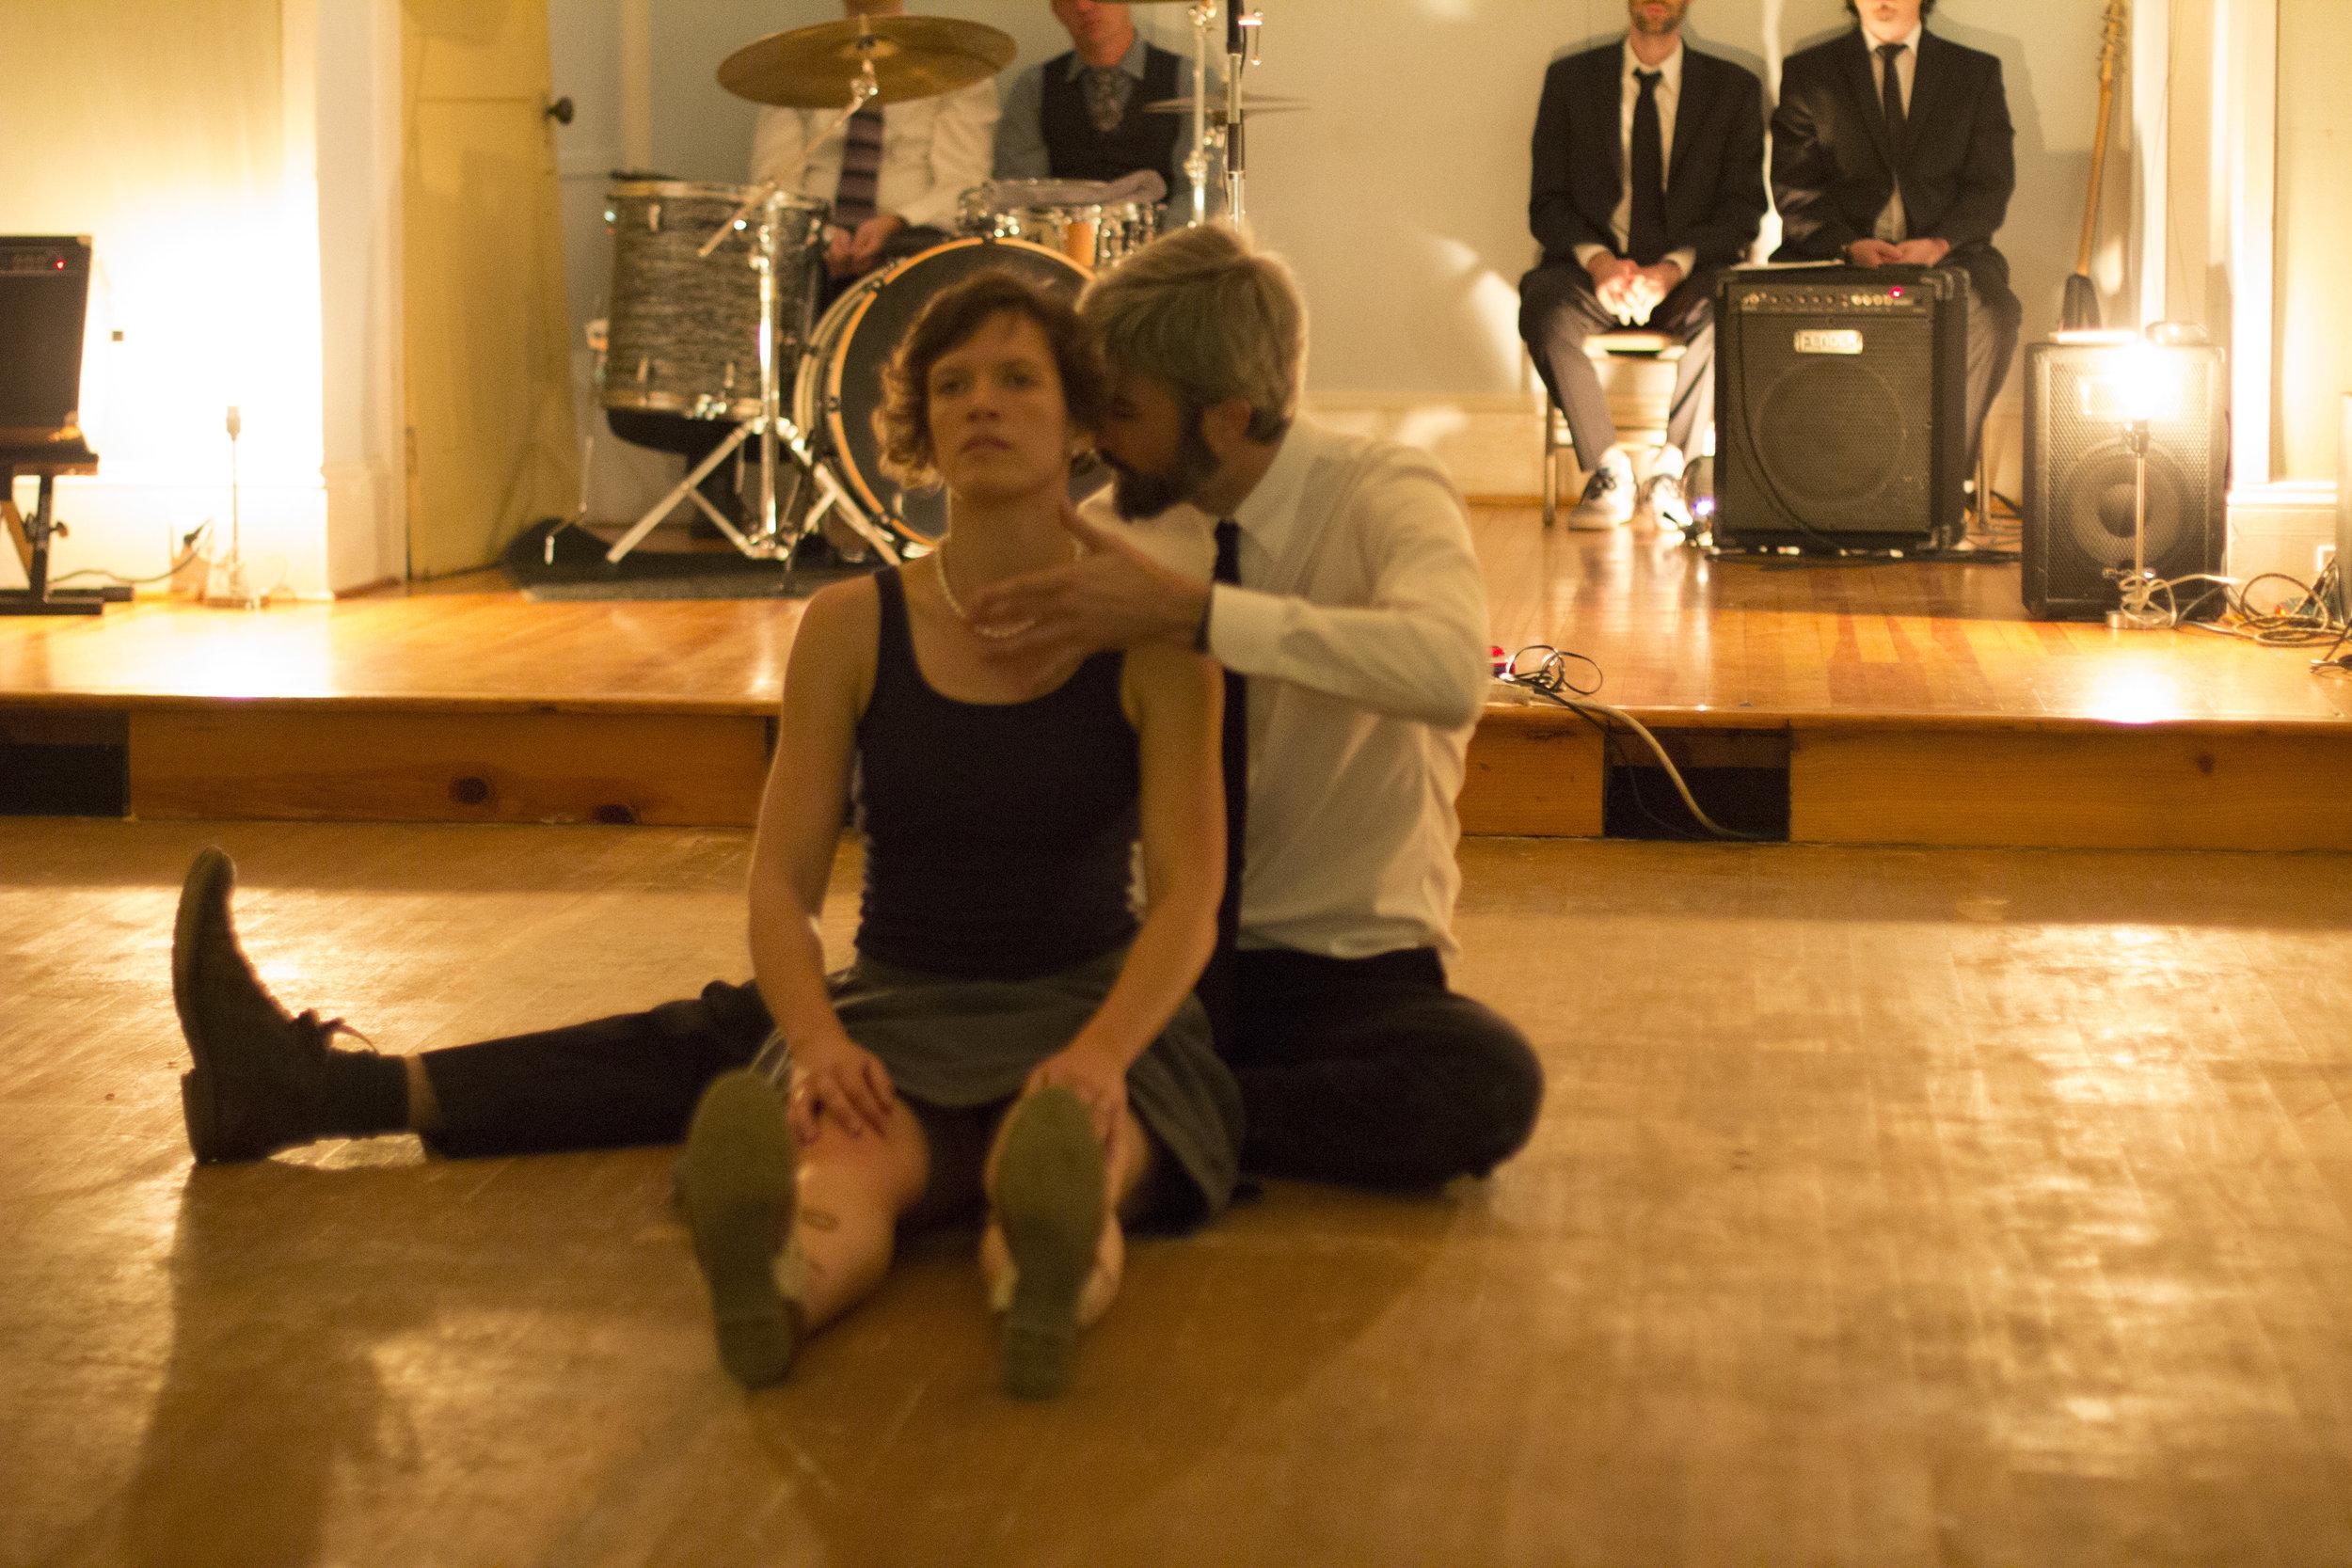 Rachel Rugh, Eric Mullis. Odd Fellows Hall (Blacksburg, VA) on 10/13/18.